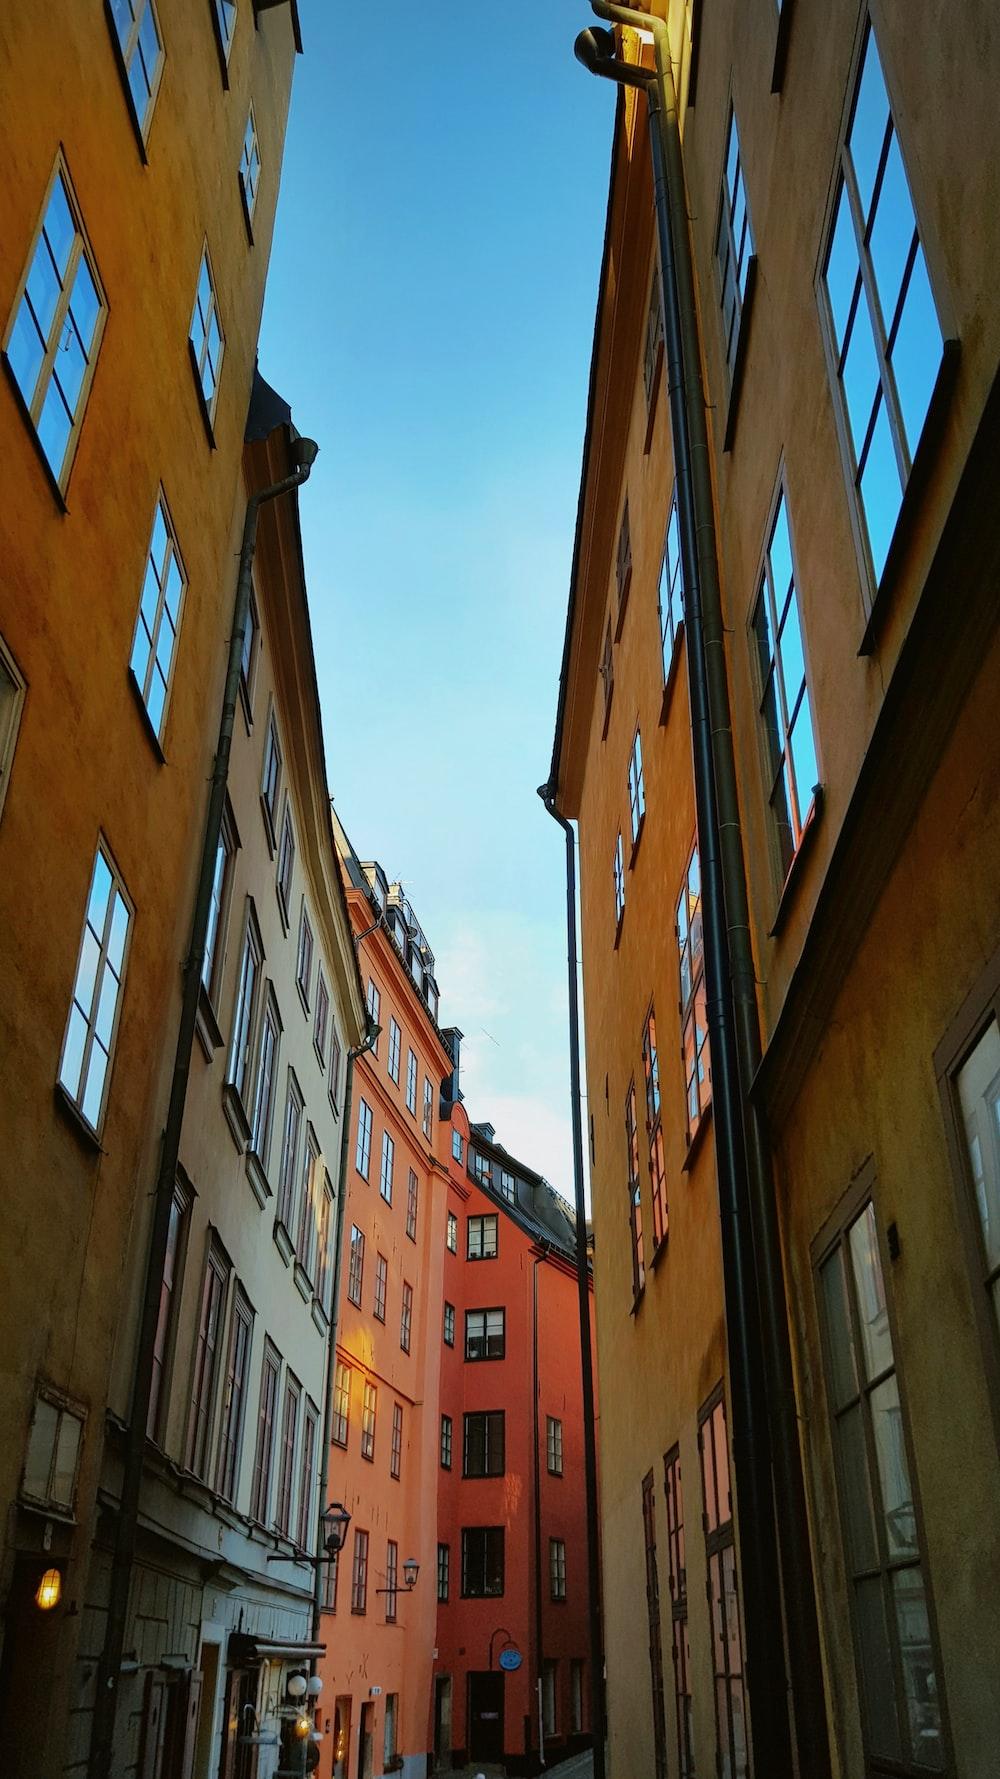 narrow pathway between buildings